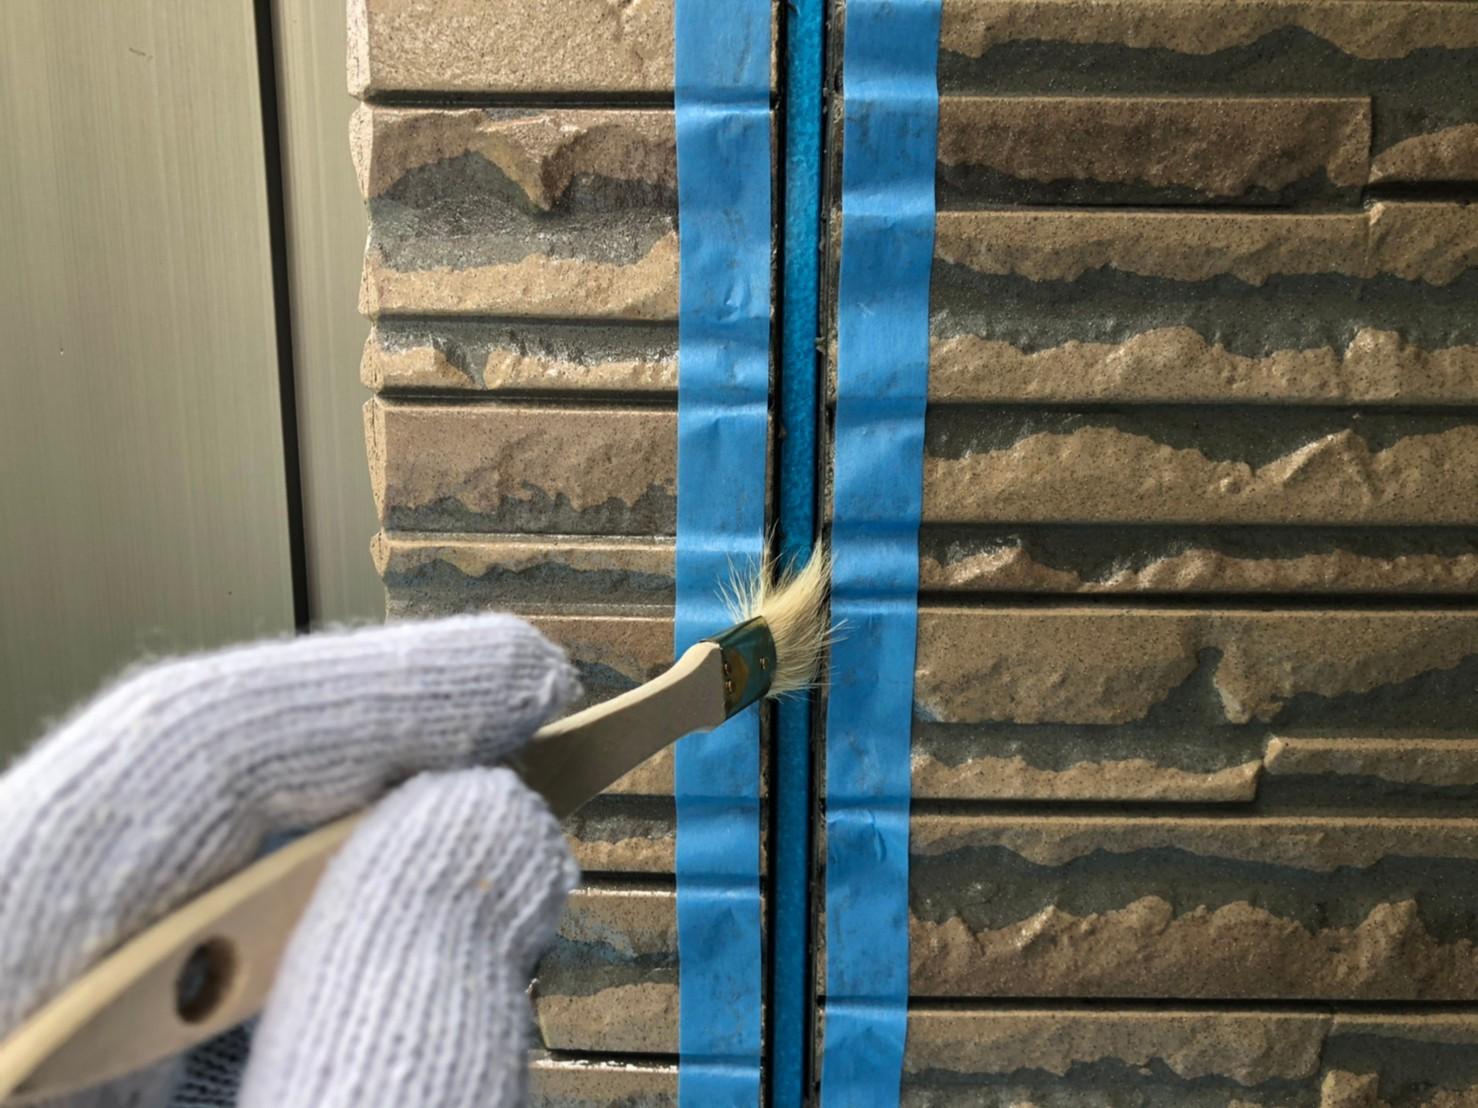 伊奈町外壁の劣化した目地シーリング打替えプライマー塗布作業